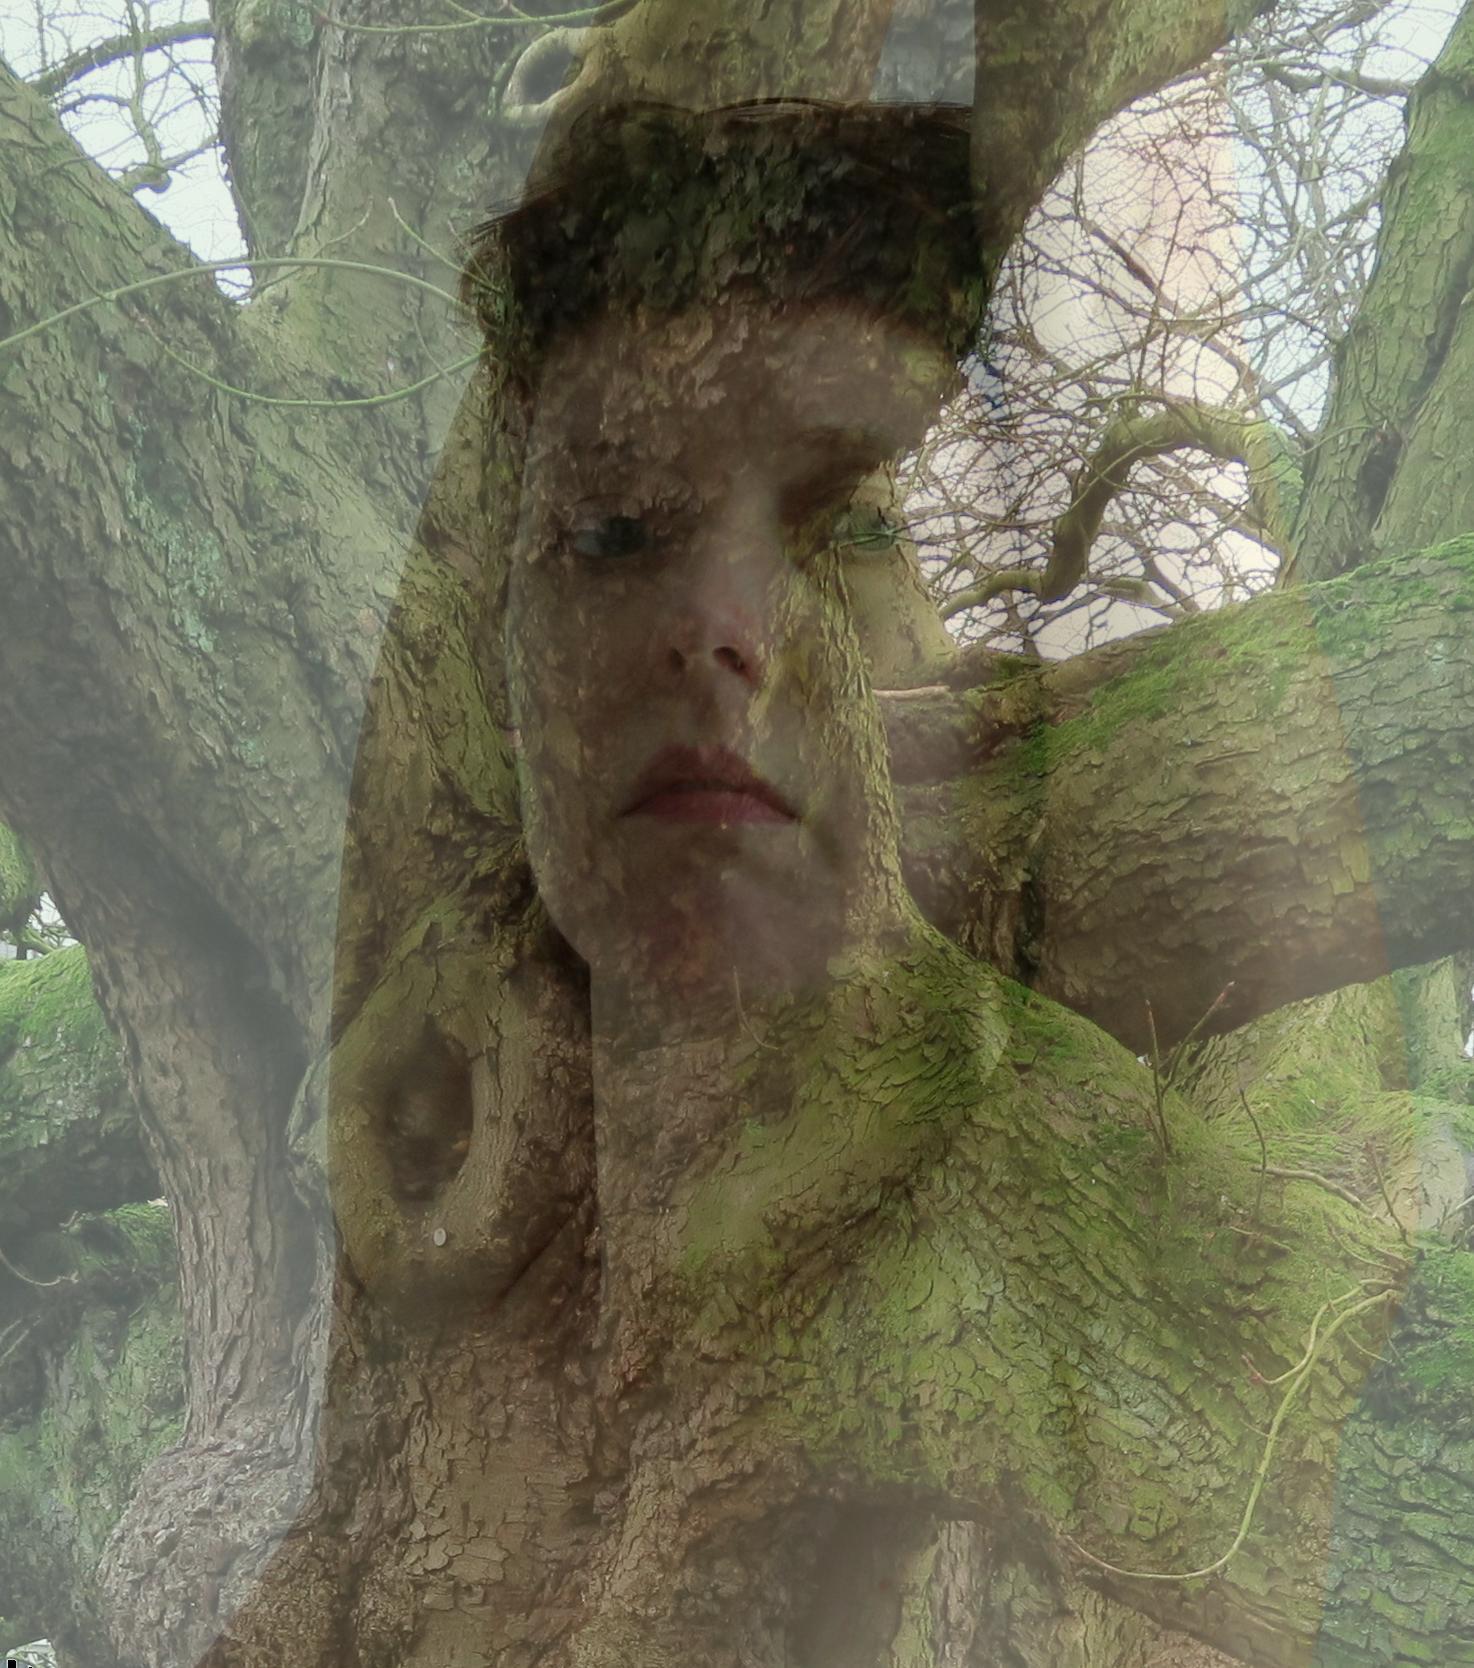 de_tail-celine-arbre-1516737127.png